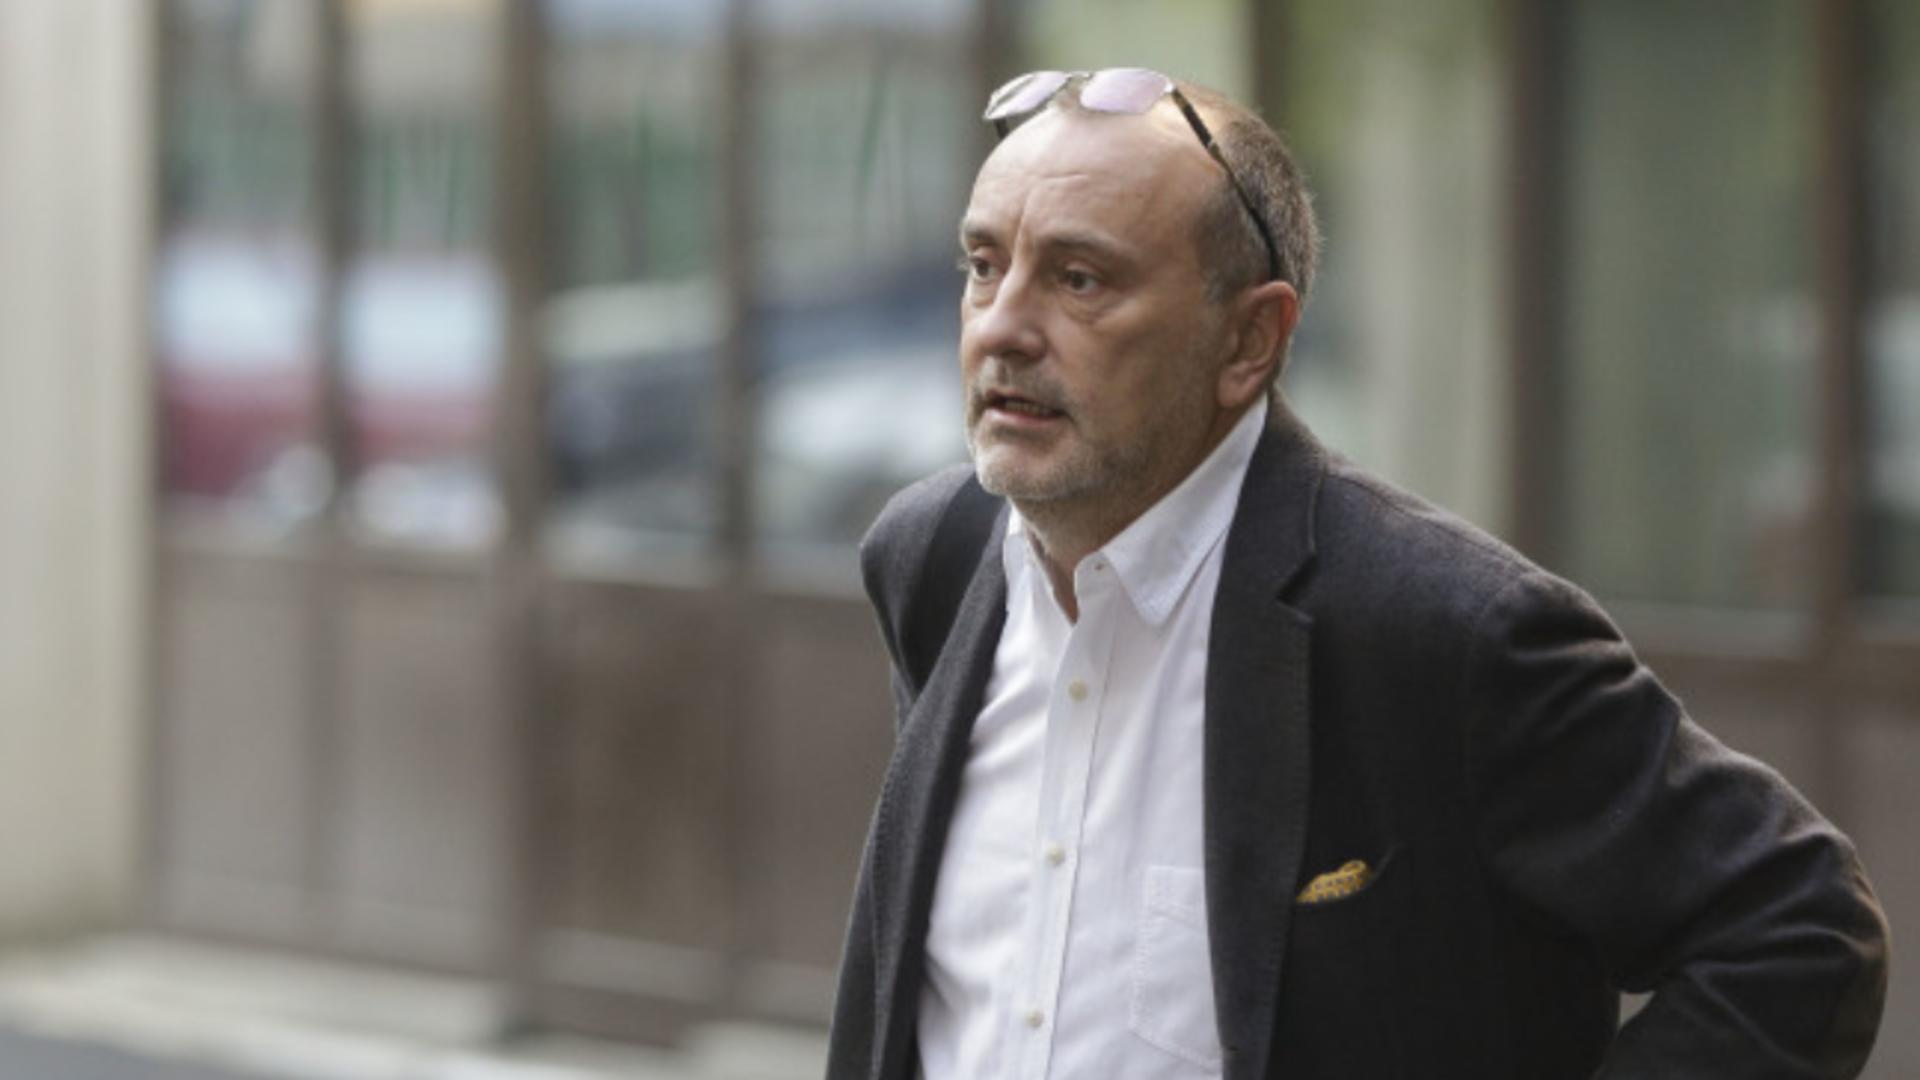 Sorin Strutinsky, dat în urmărire internațională, este în Italia. Când va fi extrădat milionarul lui Radu Mazăre Foto: INQUAM/Octav Ganea